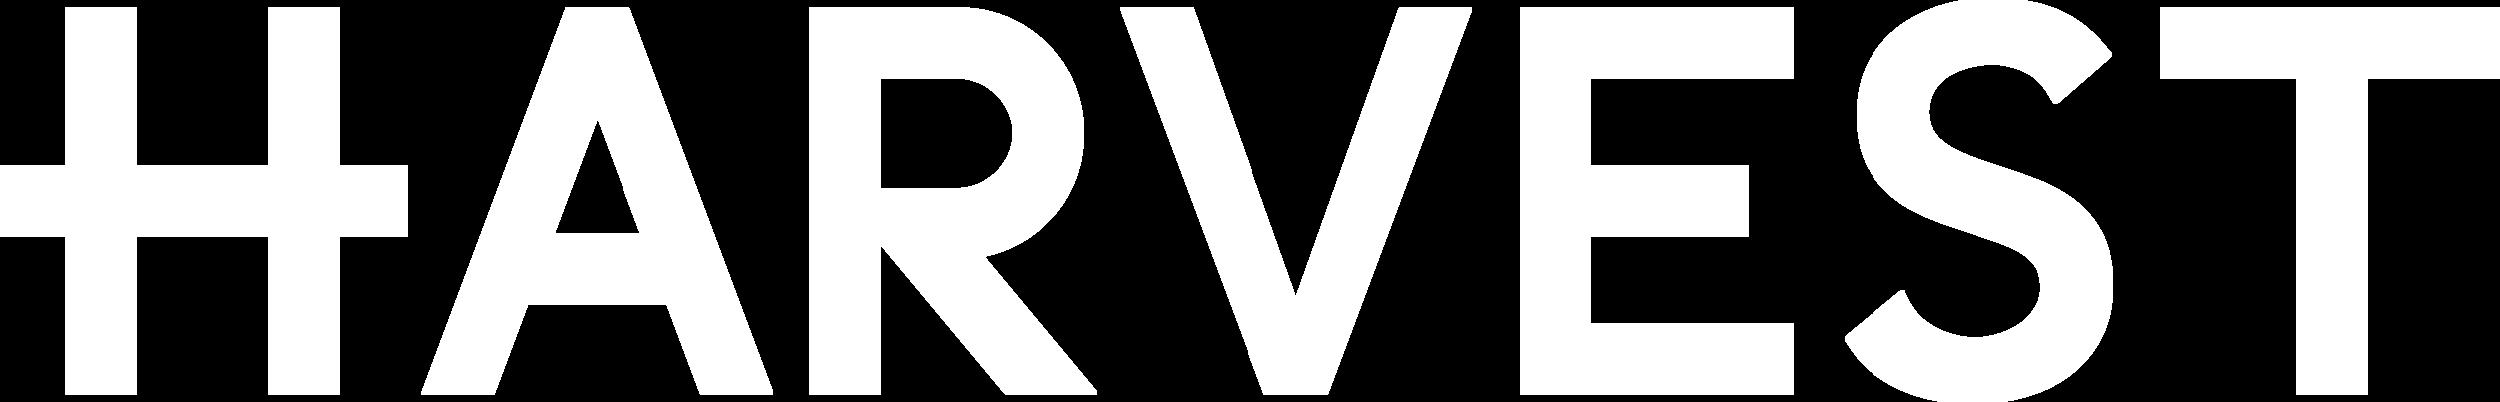 Harvest_Logo_white.png